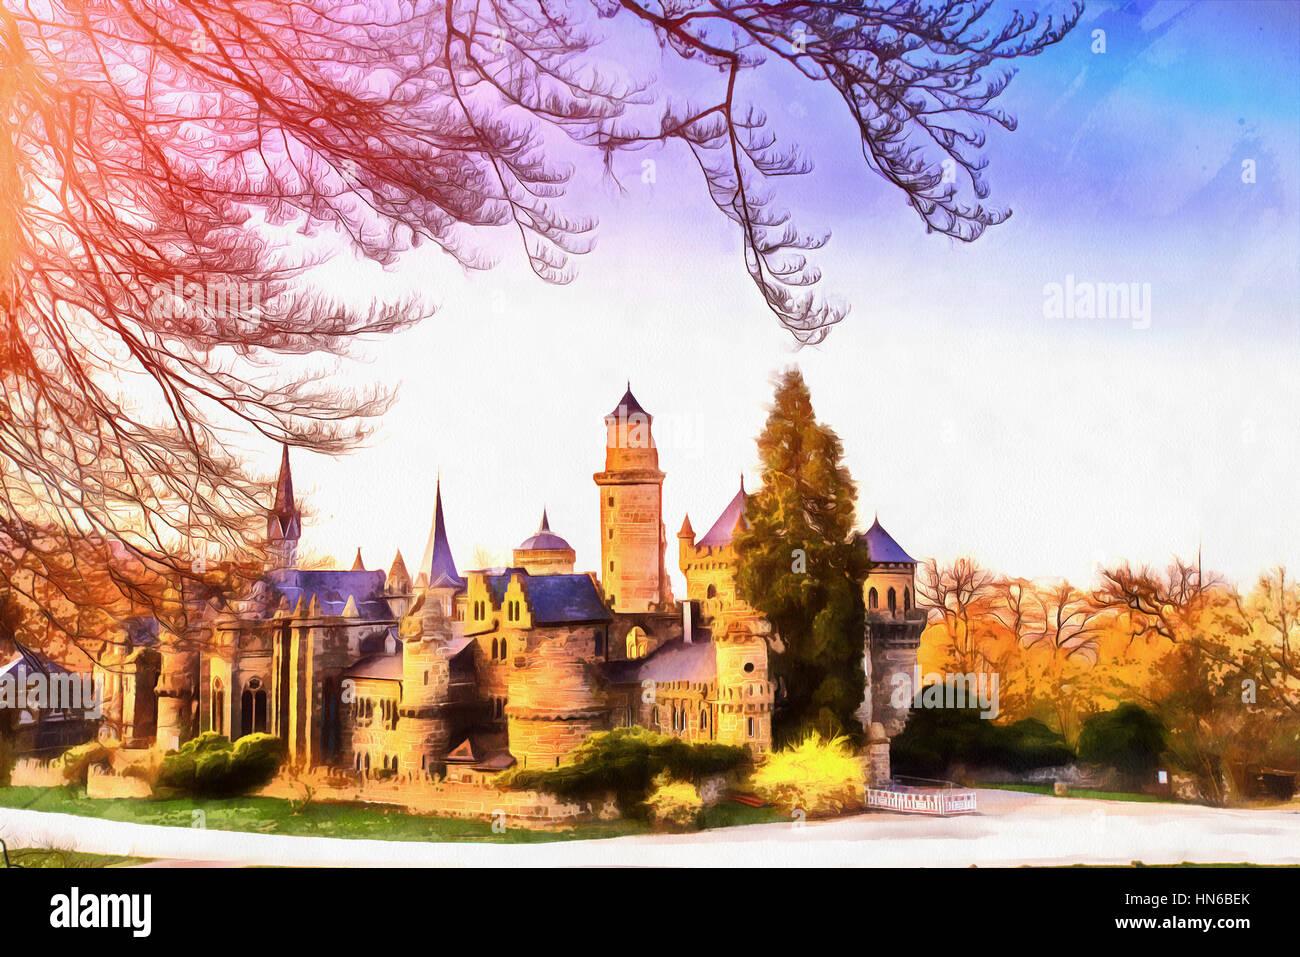 Antike Burg. Die Werke im Stil der Aquarellmalerei Stockbild